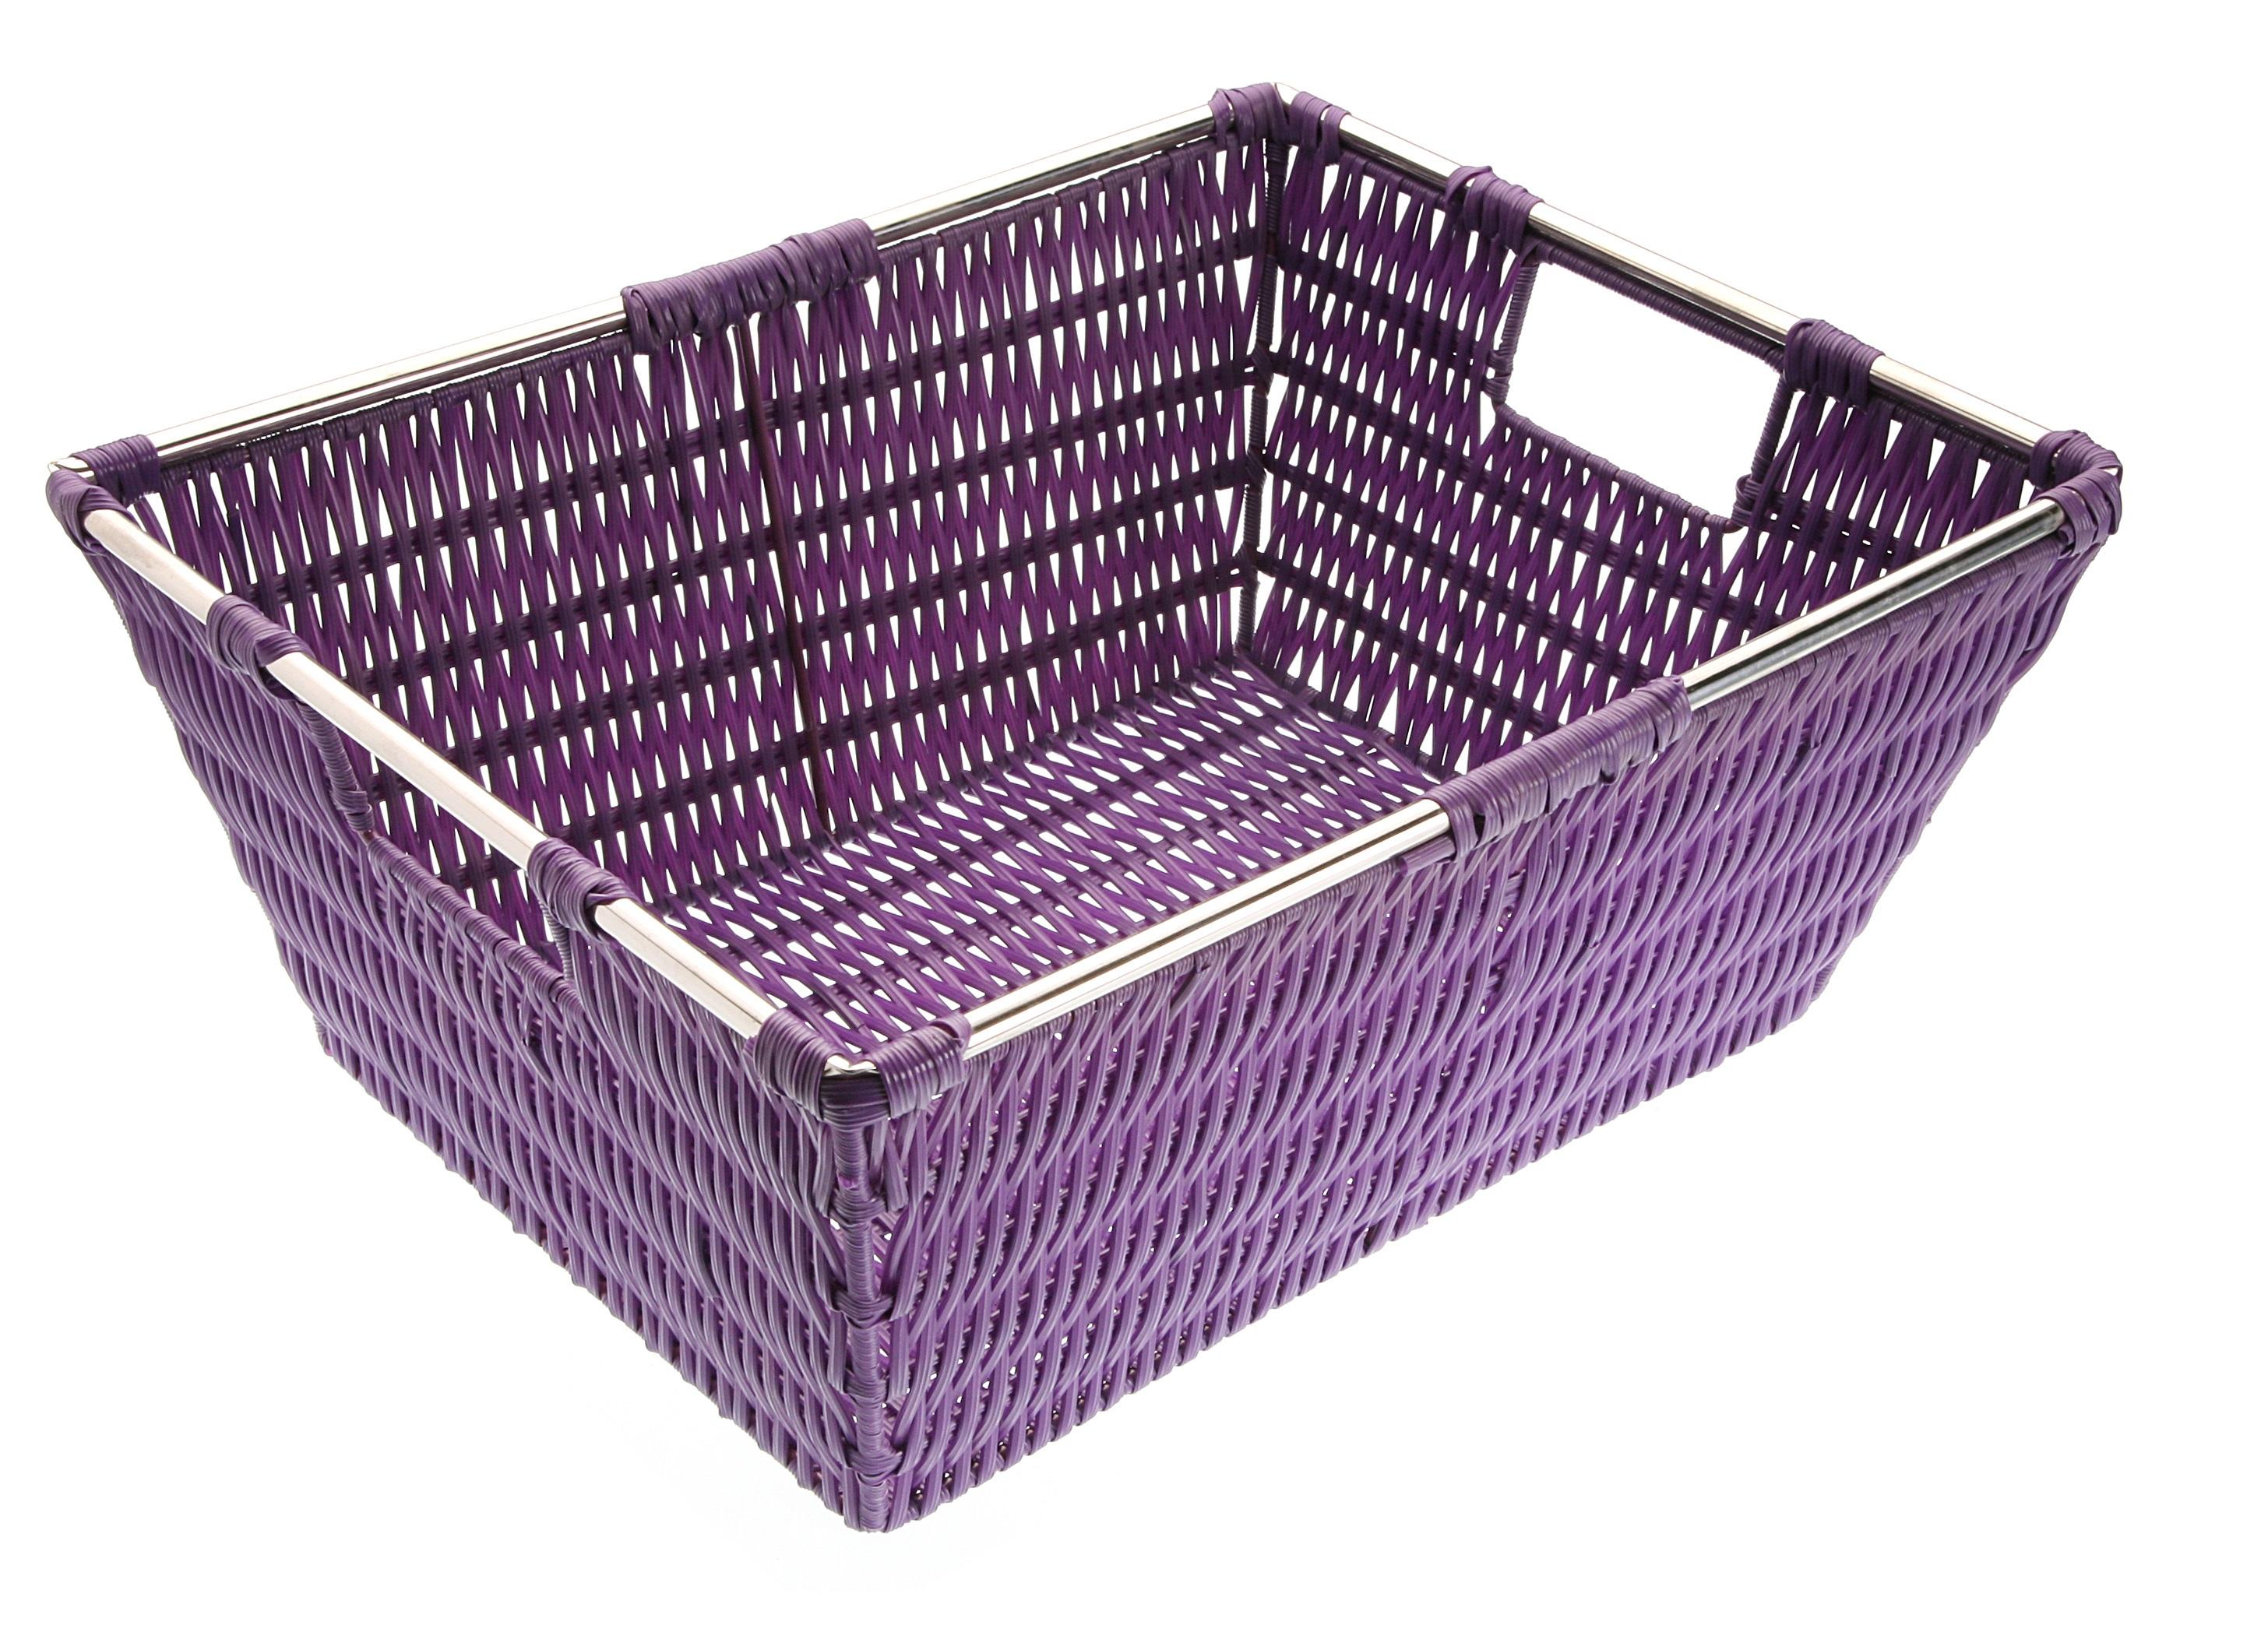 Большая корзина для храненияКорзины<br>&amp;lt;div&amp;gt;Материал: полиэстер&amp;lt;br&amp;gt;&amp;lt;/div&amp;gt;<br><br>Material: Пластик<br>Ширина см: 29<br>Высота см: 15<br>Глубина см: 37